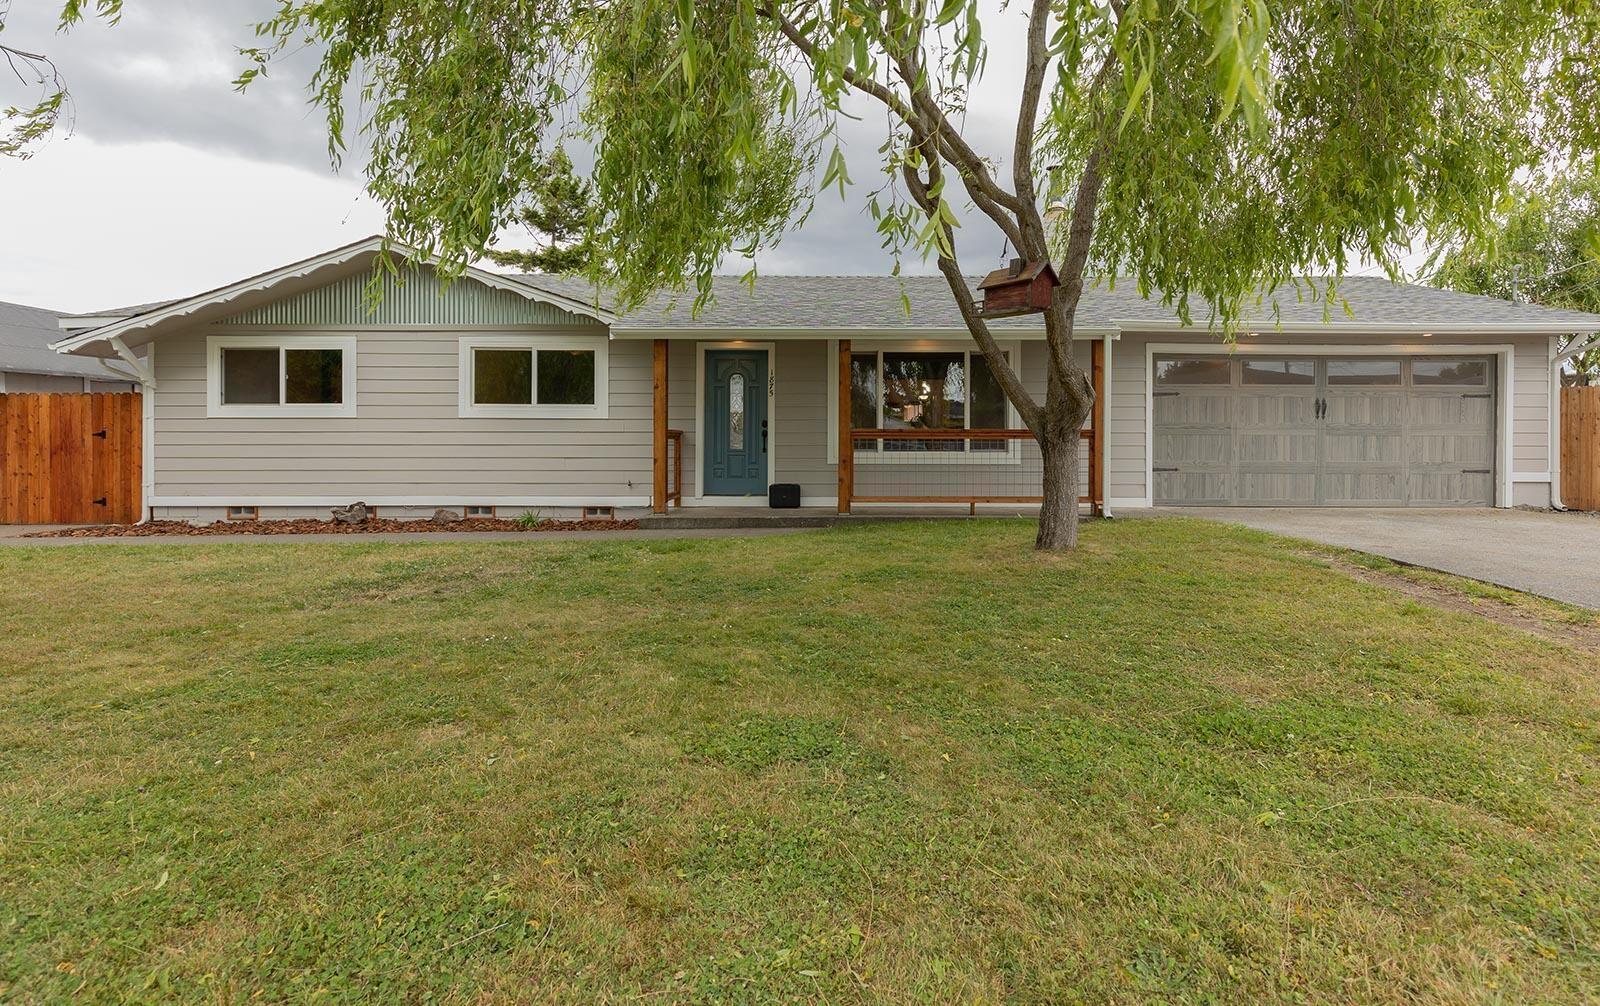 1875 Thelma Street, Fortuna, CA 95540 - MLS#: 259356